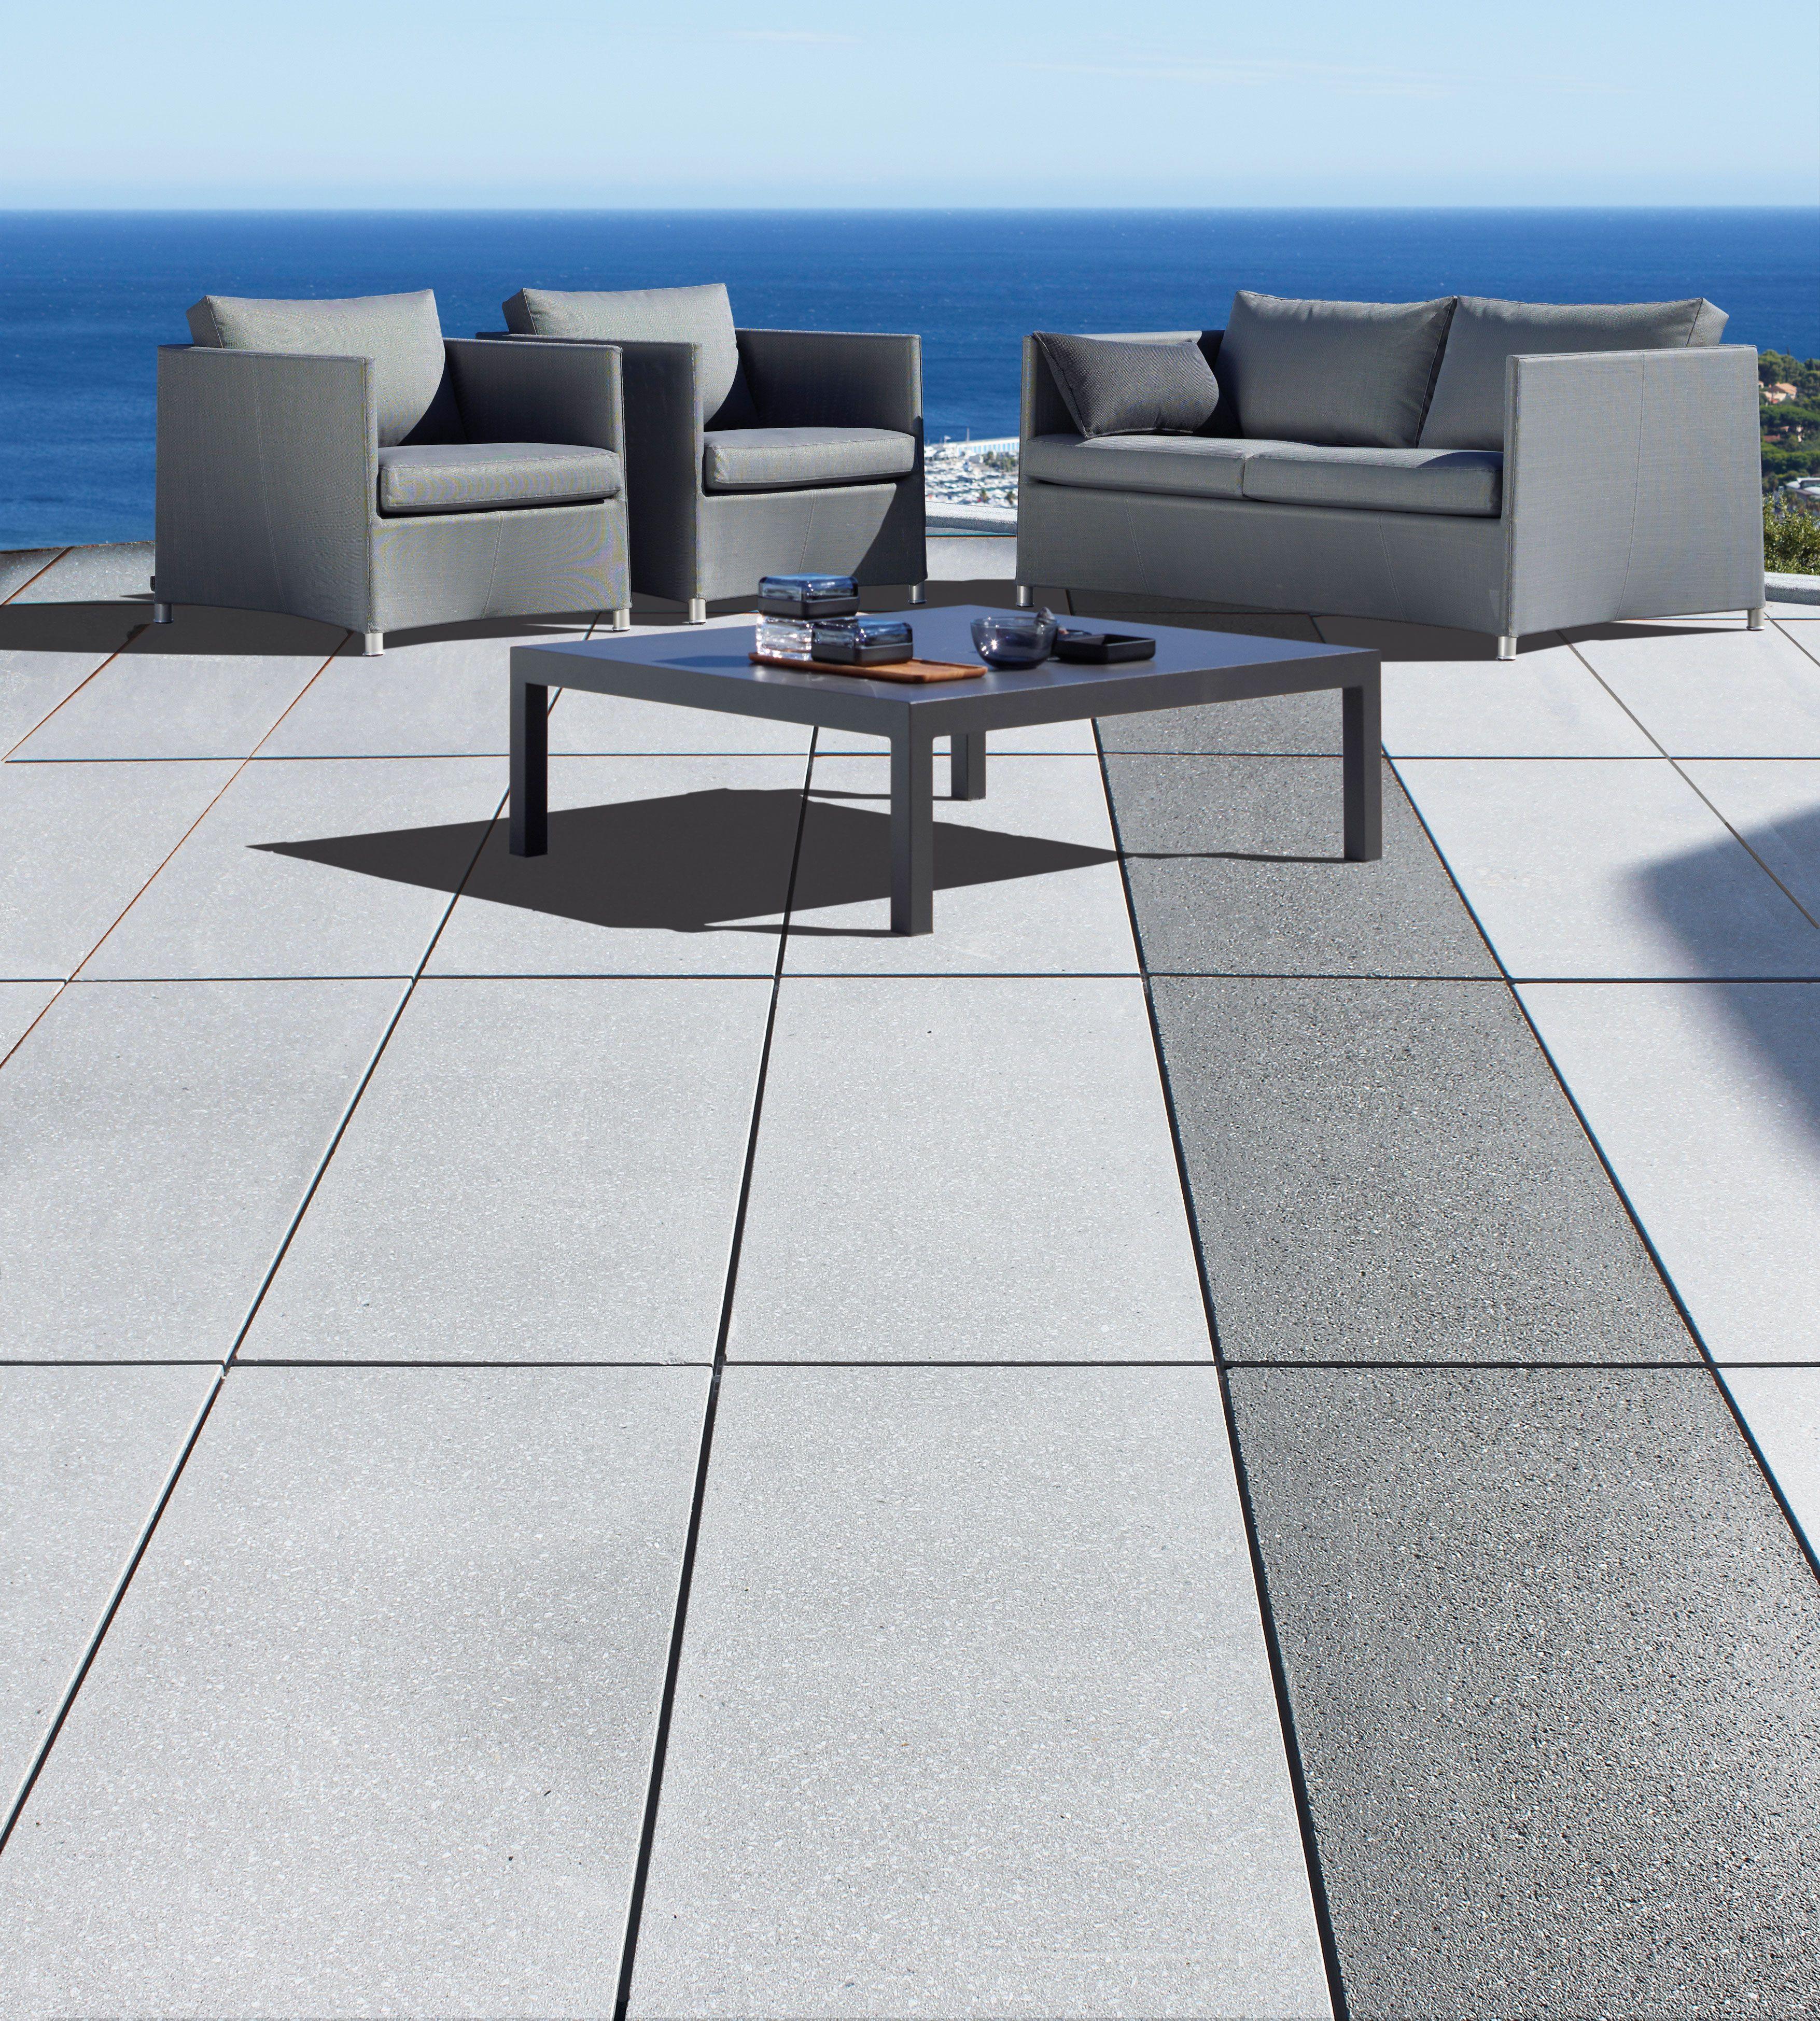 #Häusler #Terrasse Modern, Einfach Zu Reinigen Und Barfußgeeignet Supersoft  Oberfläche   1 Platte